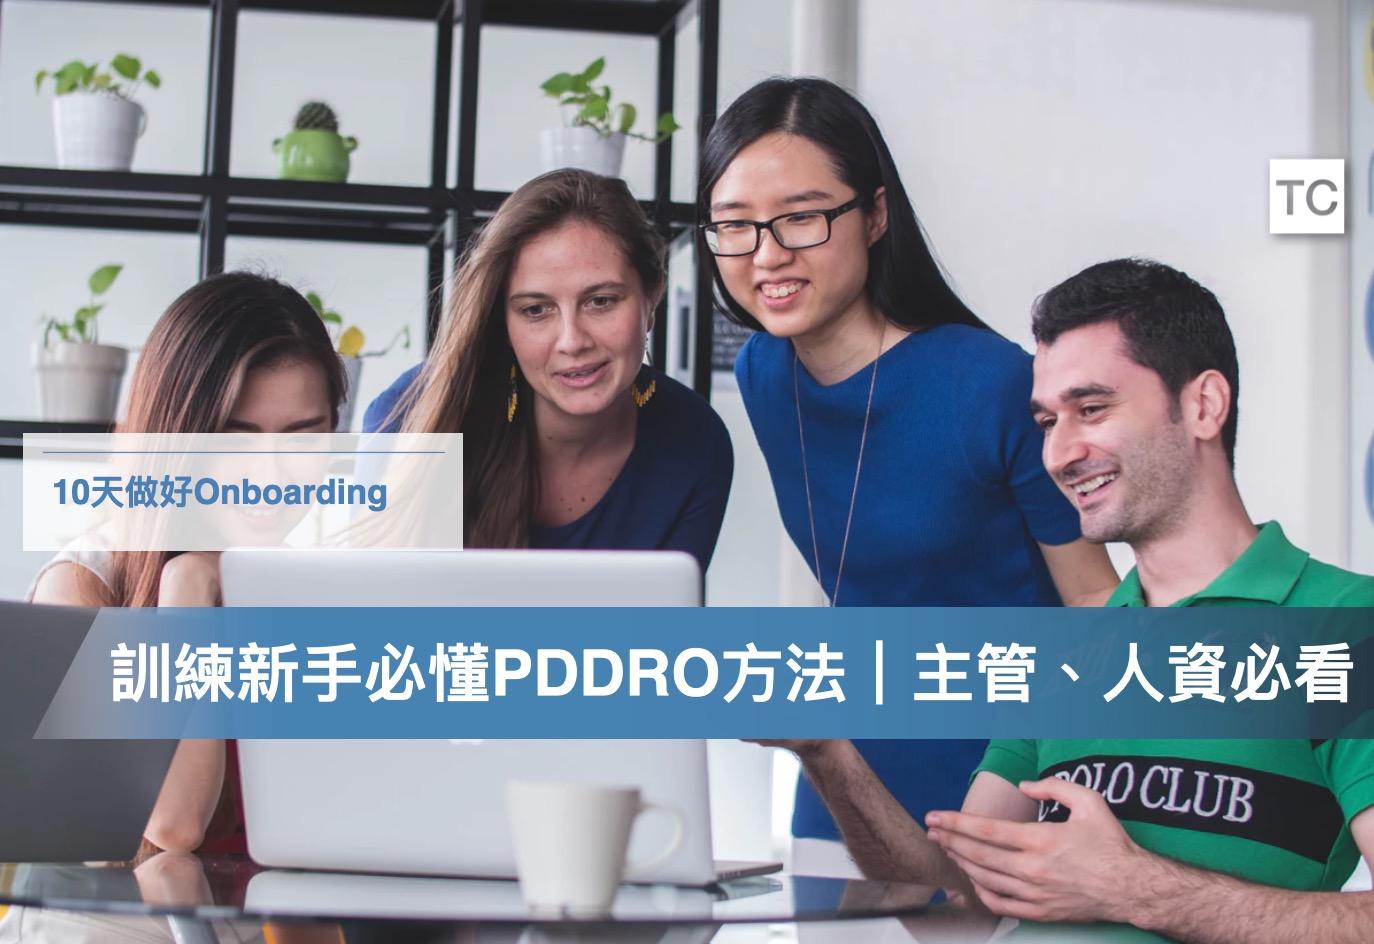 主管與人資必看|新人、新手教育訓練需要滿足PDDRO循環,才能真正提升效益